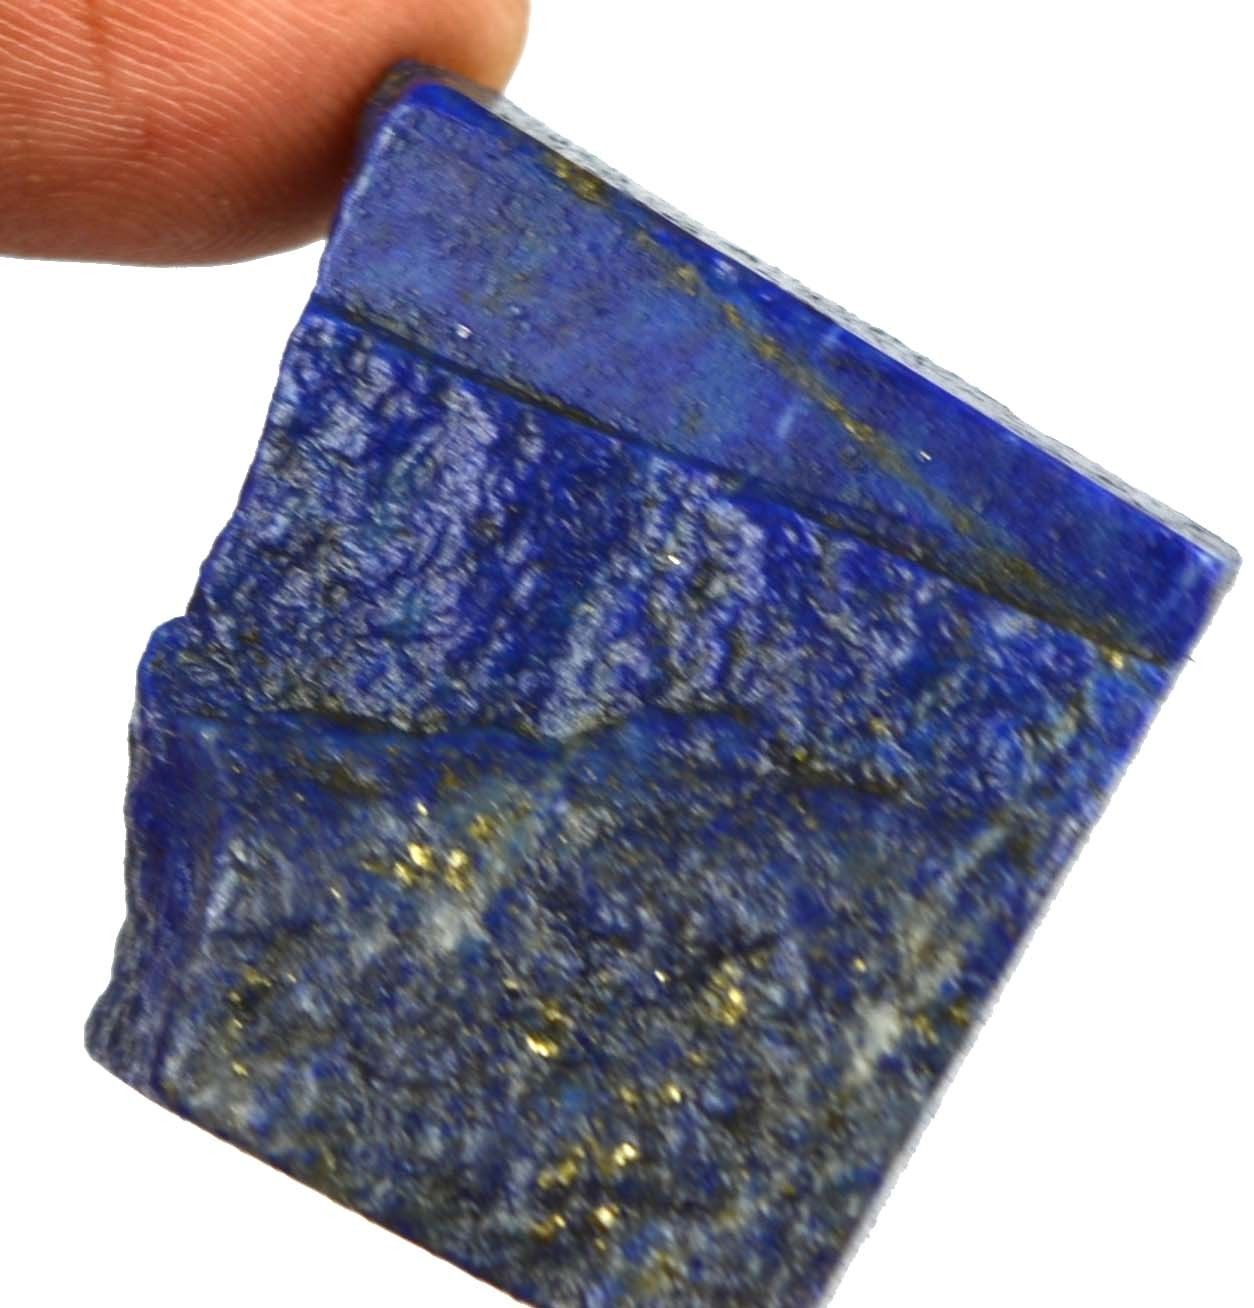 אבן חן: לאפיס לג'ולי גלם לליטוש (אפגניסטן) 117 קרט